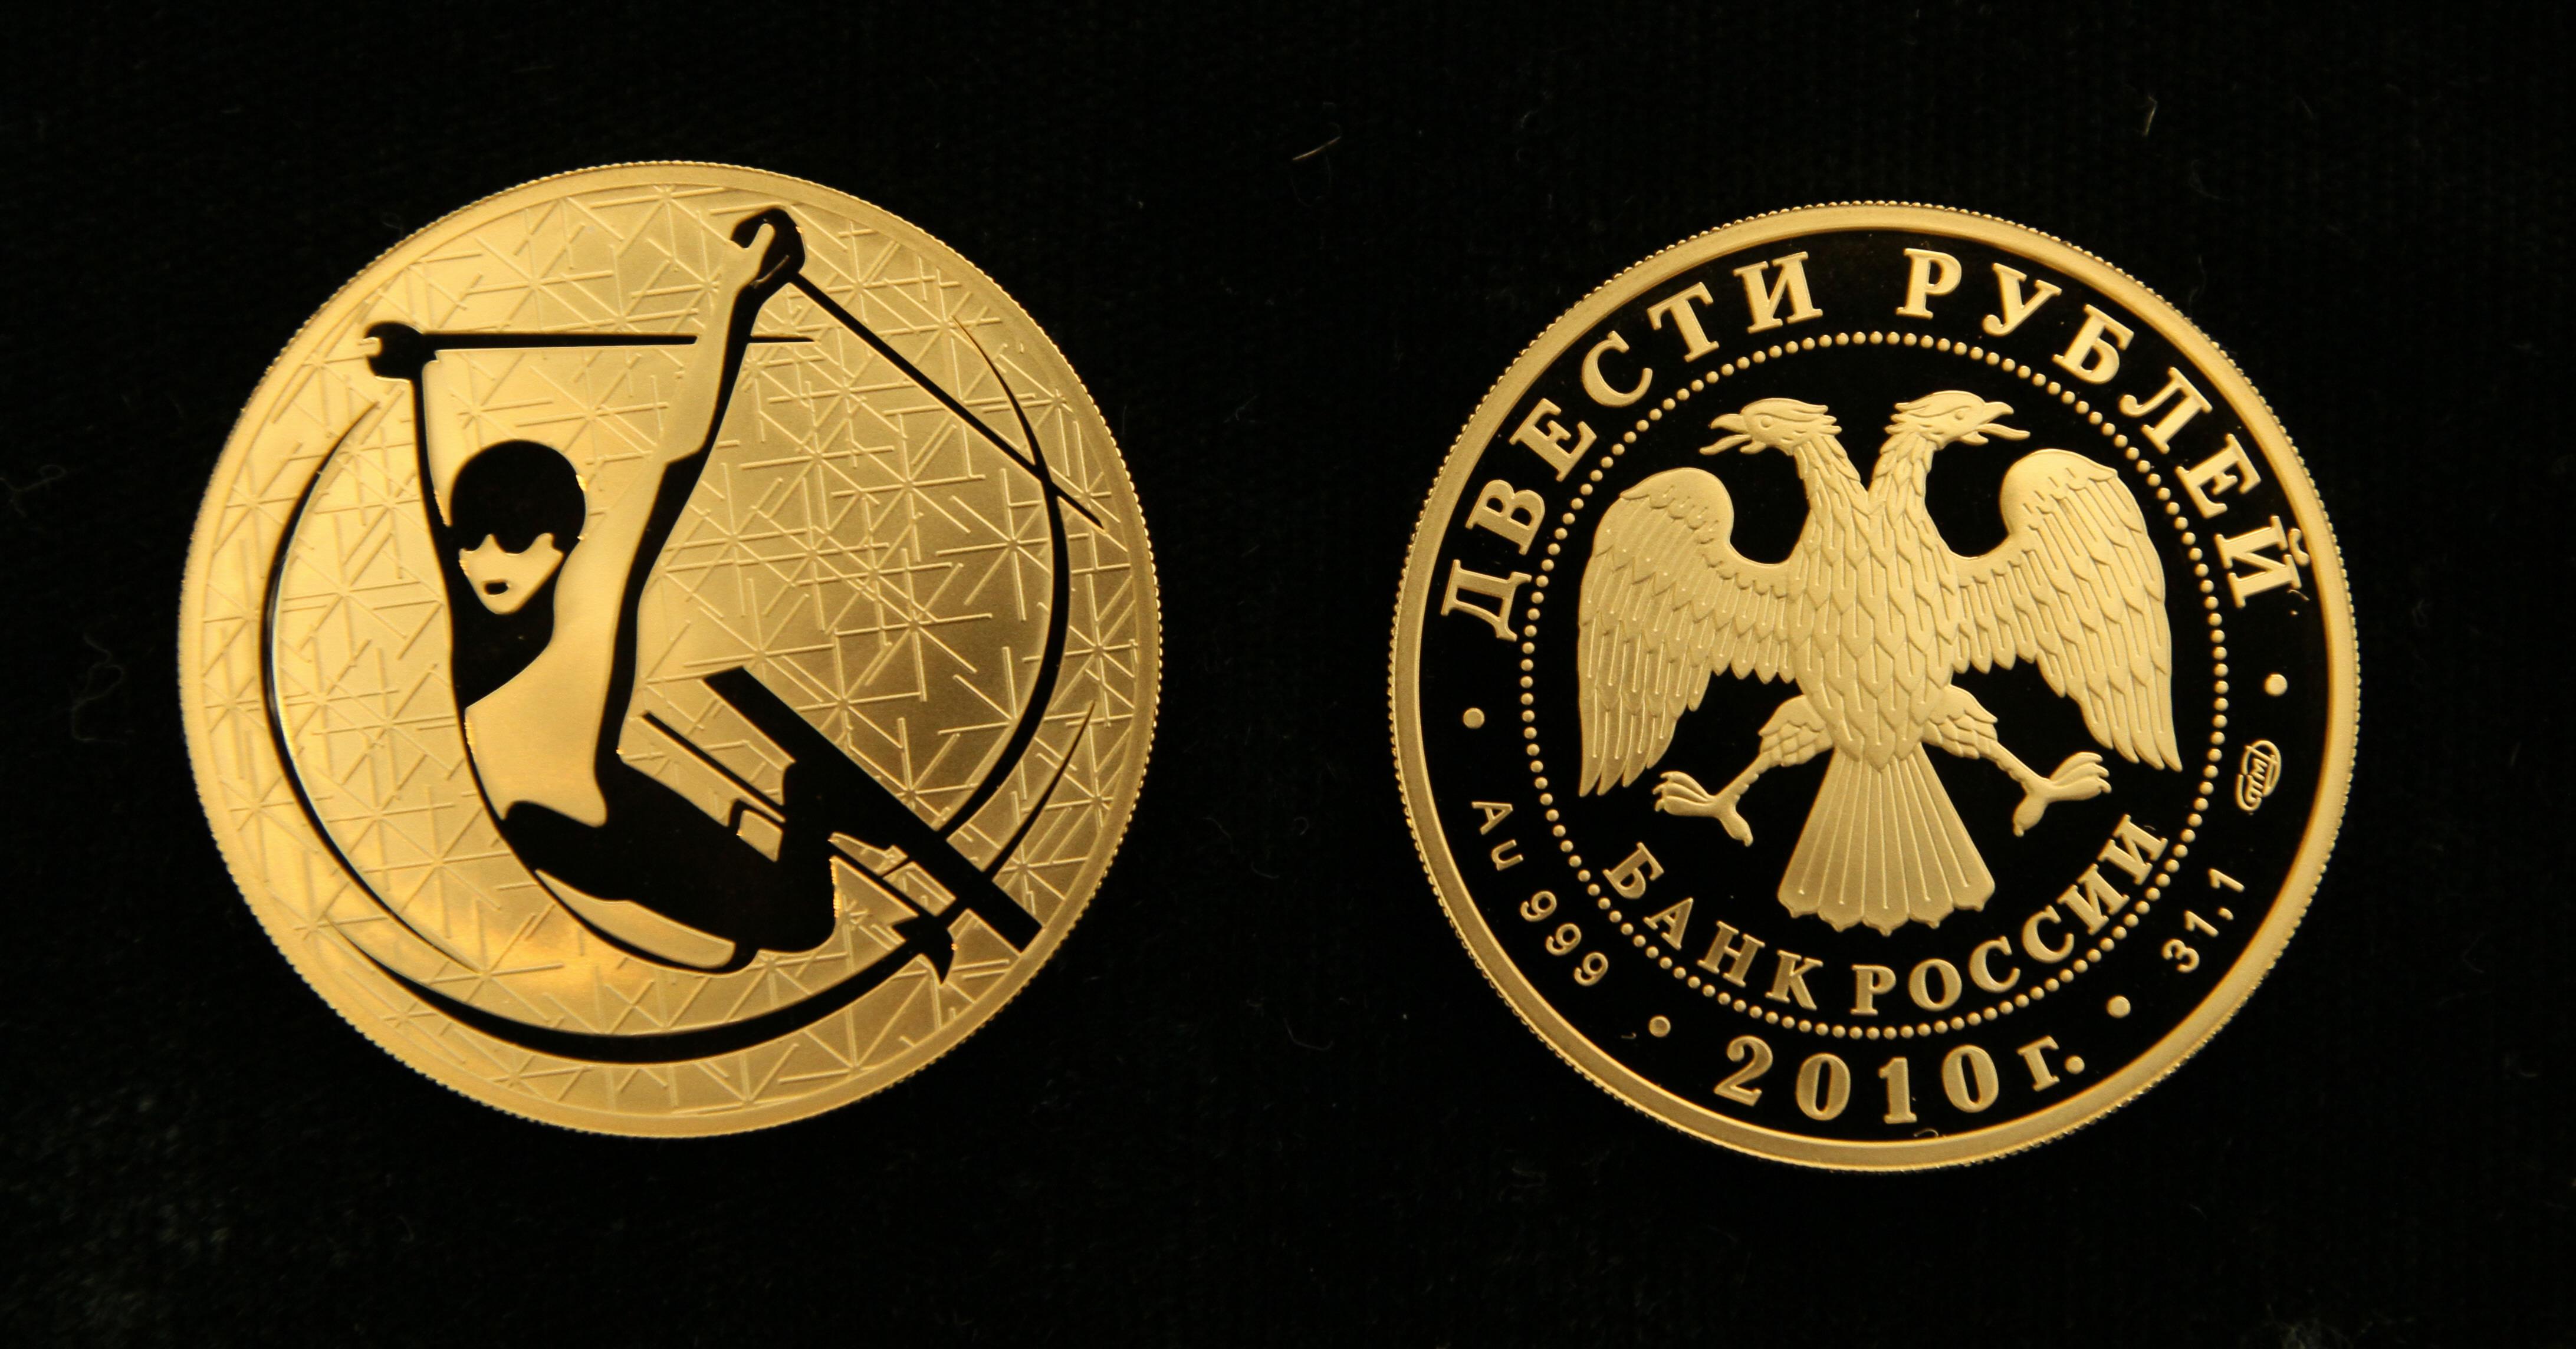 Памятная золотая монета номиналом 200 рублей, «Фристайл» серии «Зимние виды спорта», выпущенная в обращение Центральным банком России в 2010 году